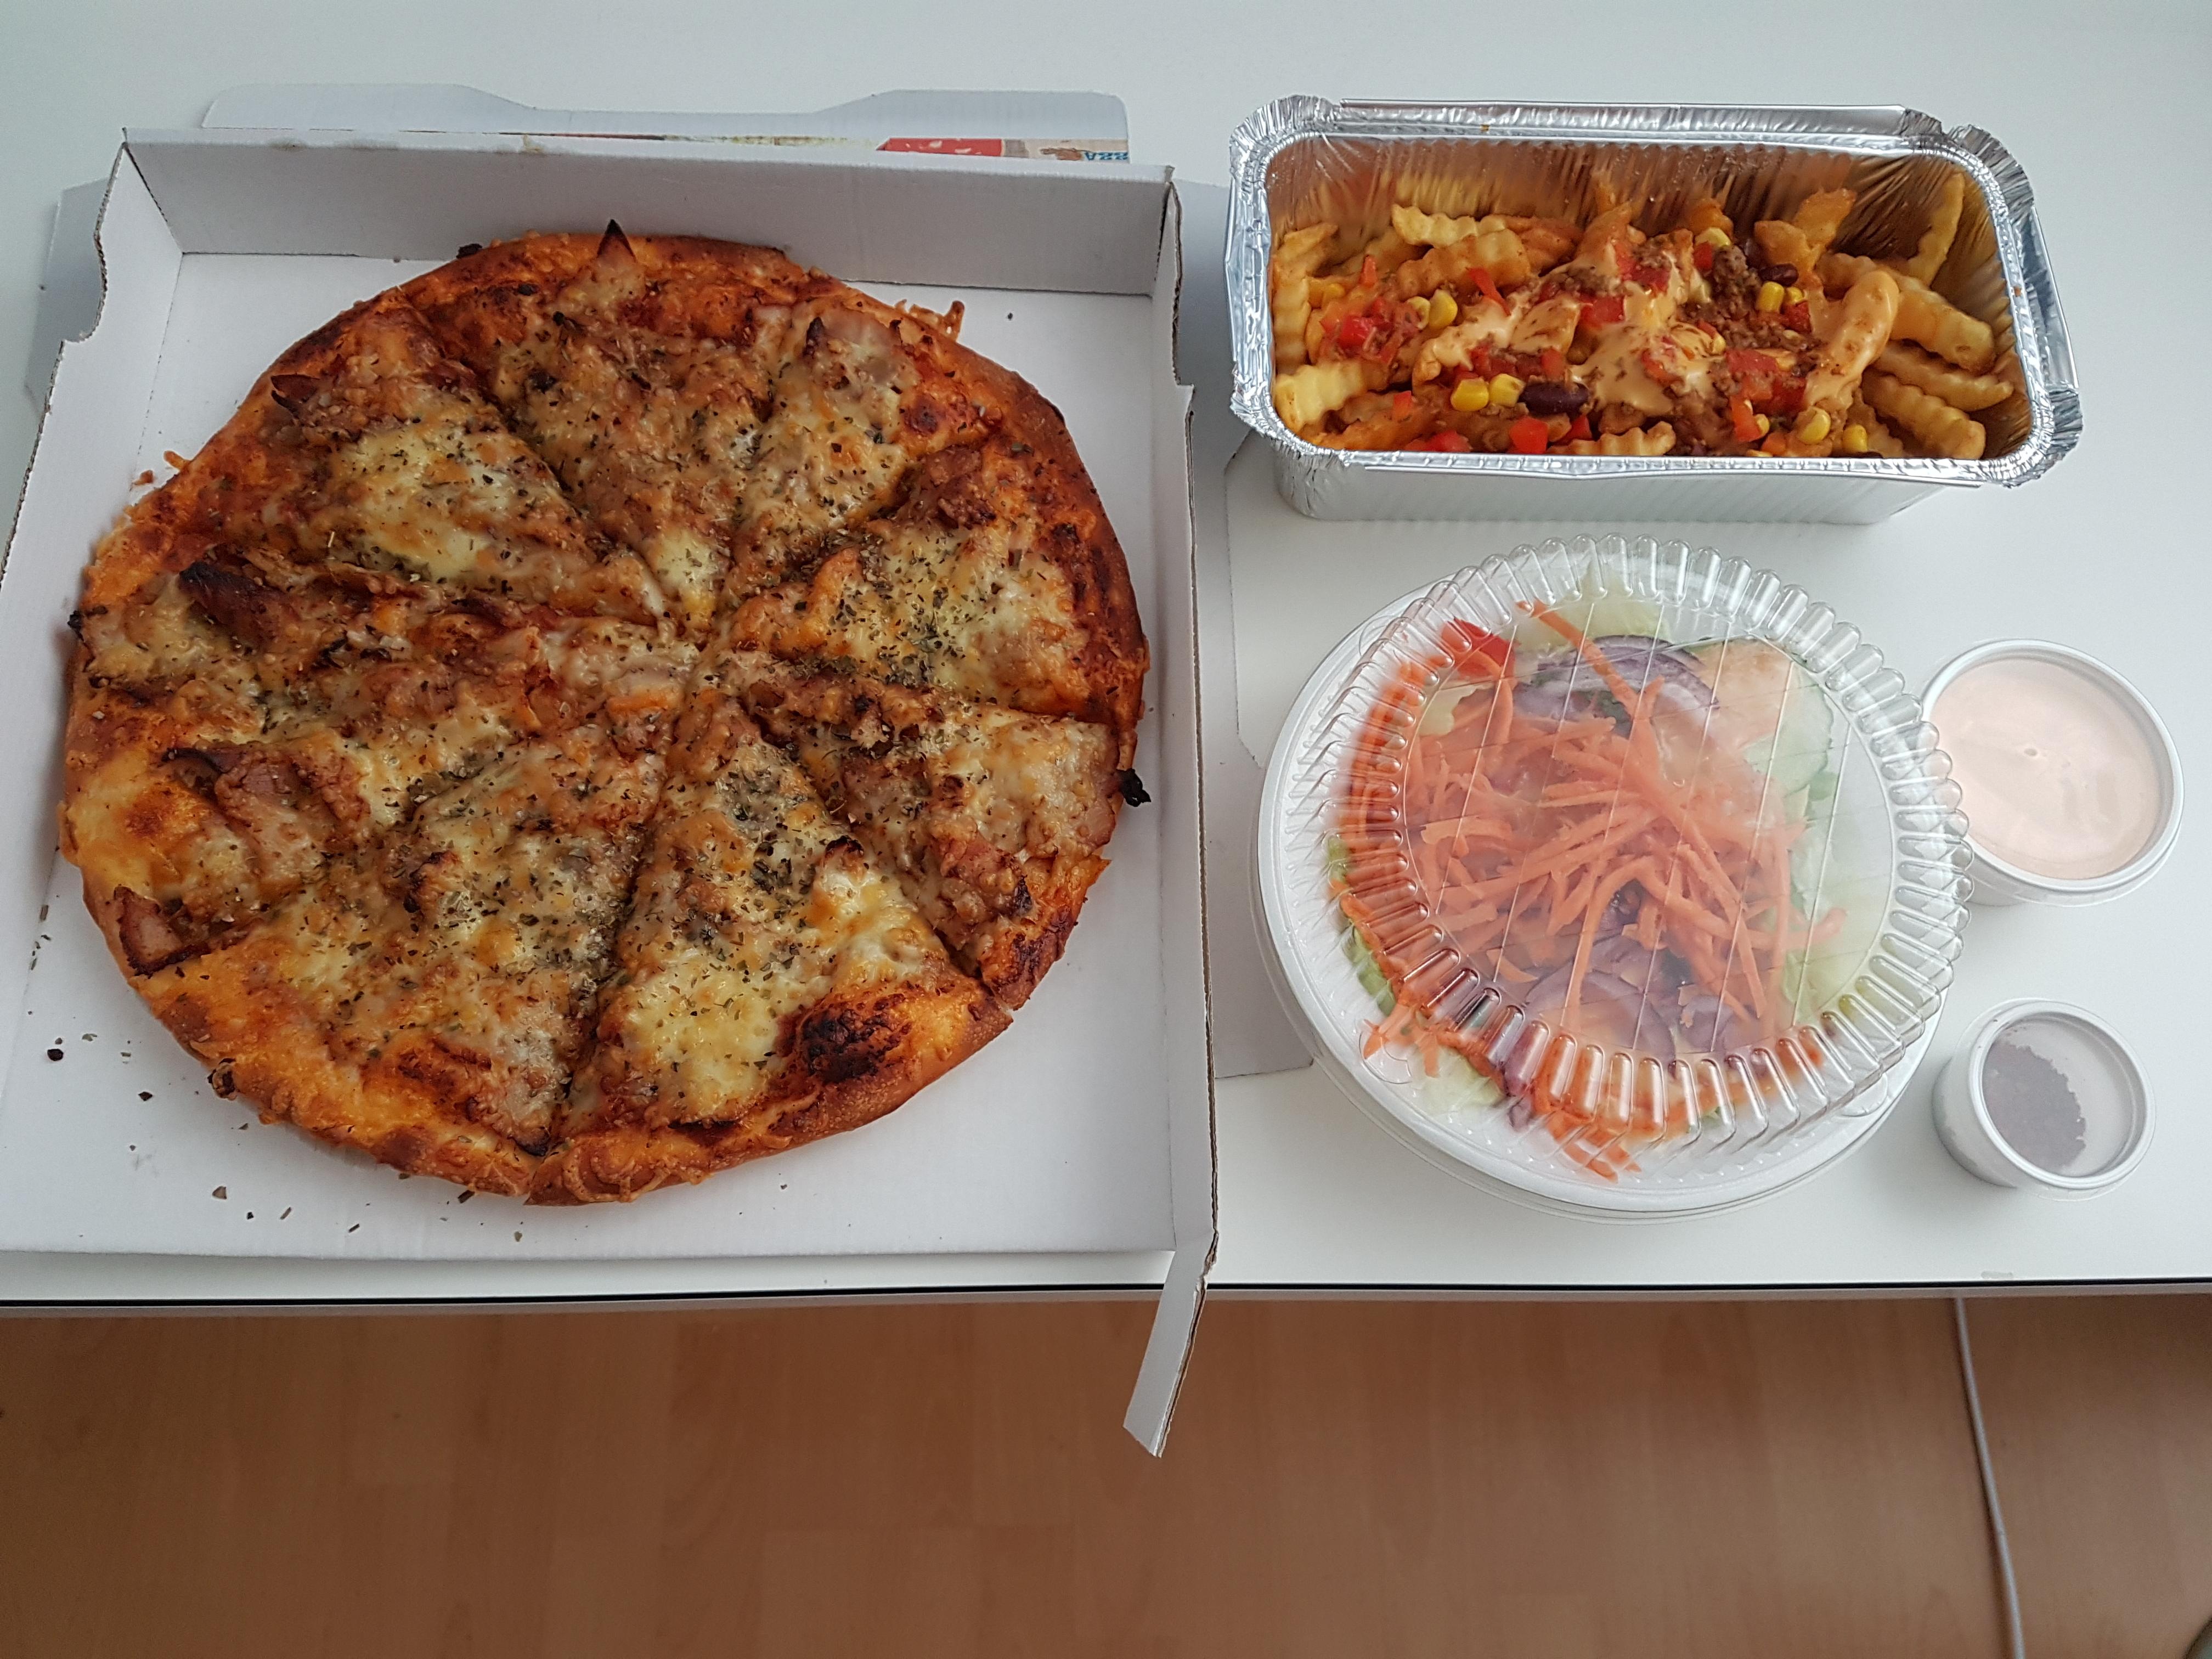 http://foodloader.net/Holz_2017-06-11_Pizza_Doener_mit_Chilli_Cheese_Pommes_und_Beilagensalat.jpg